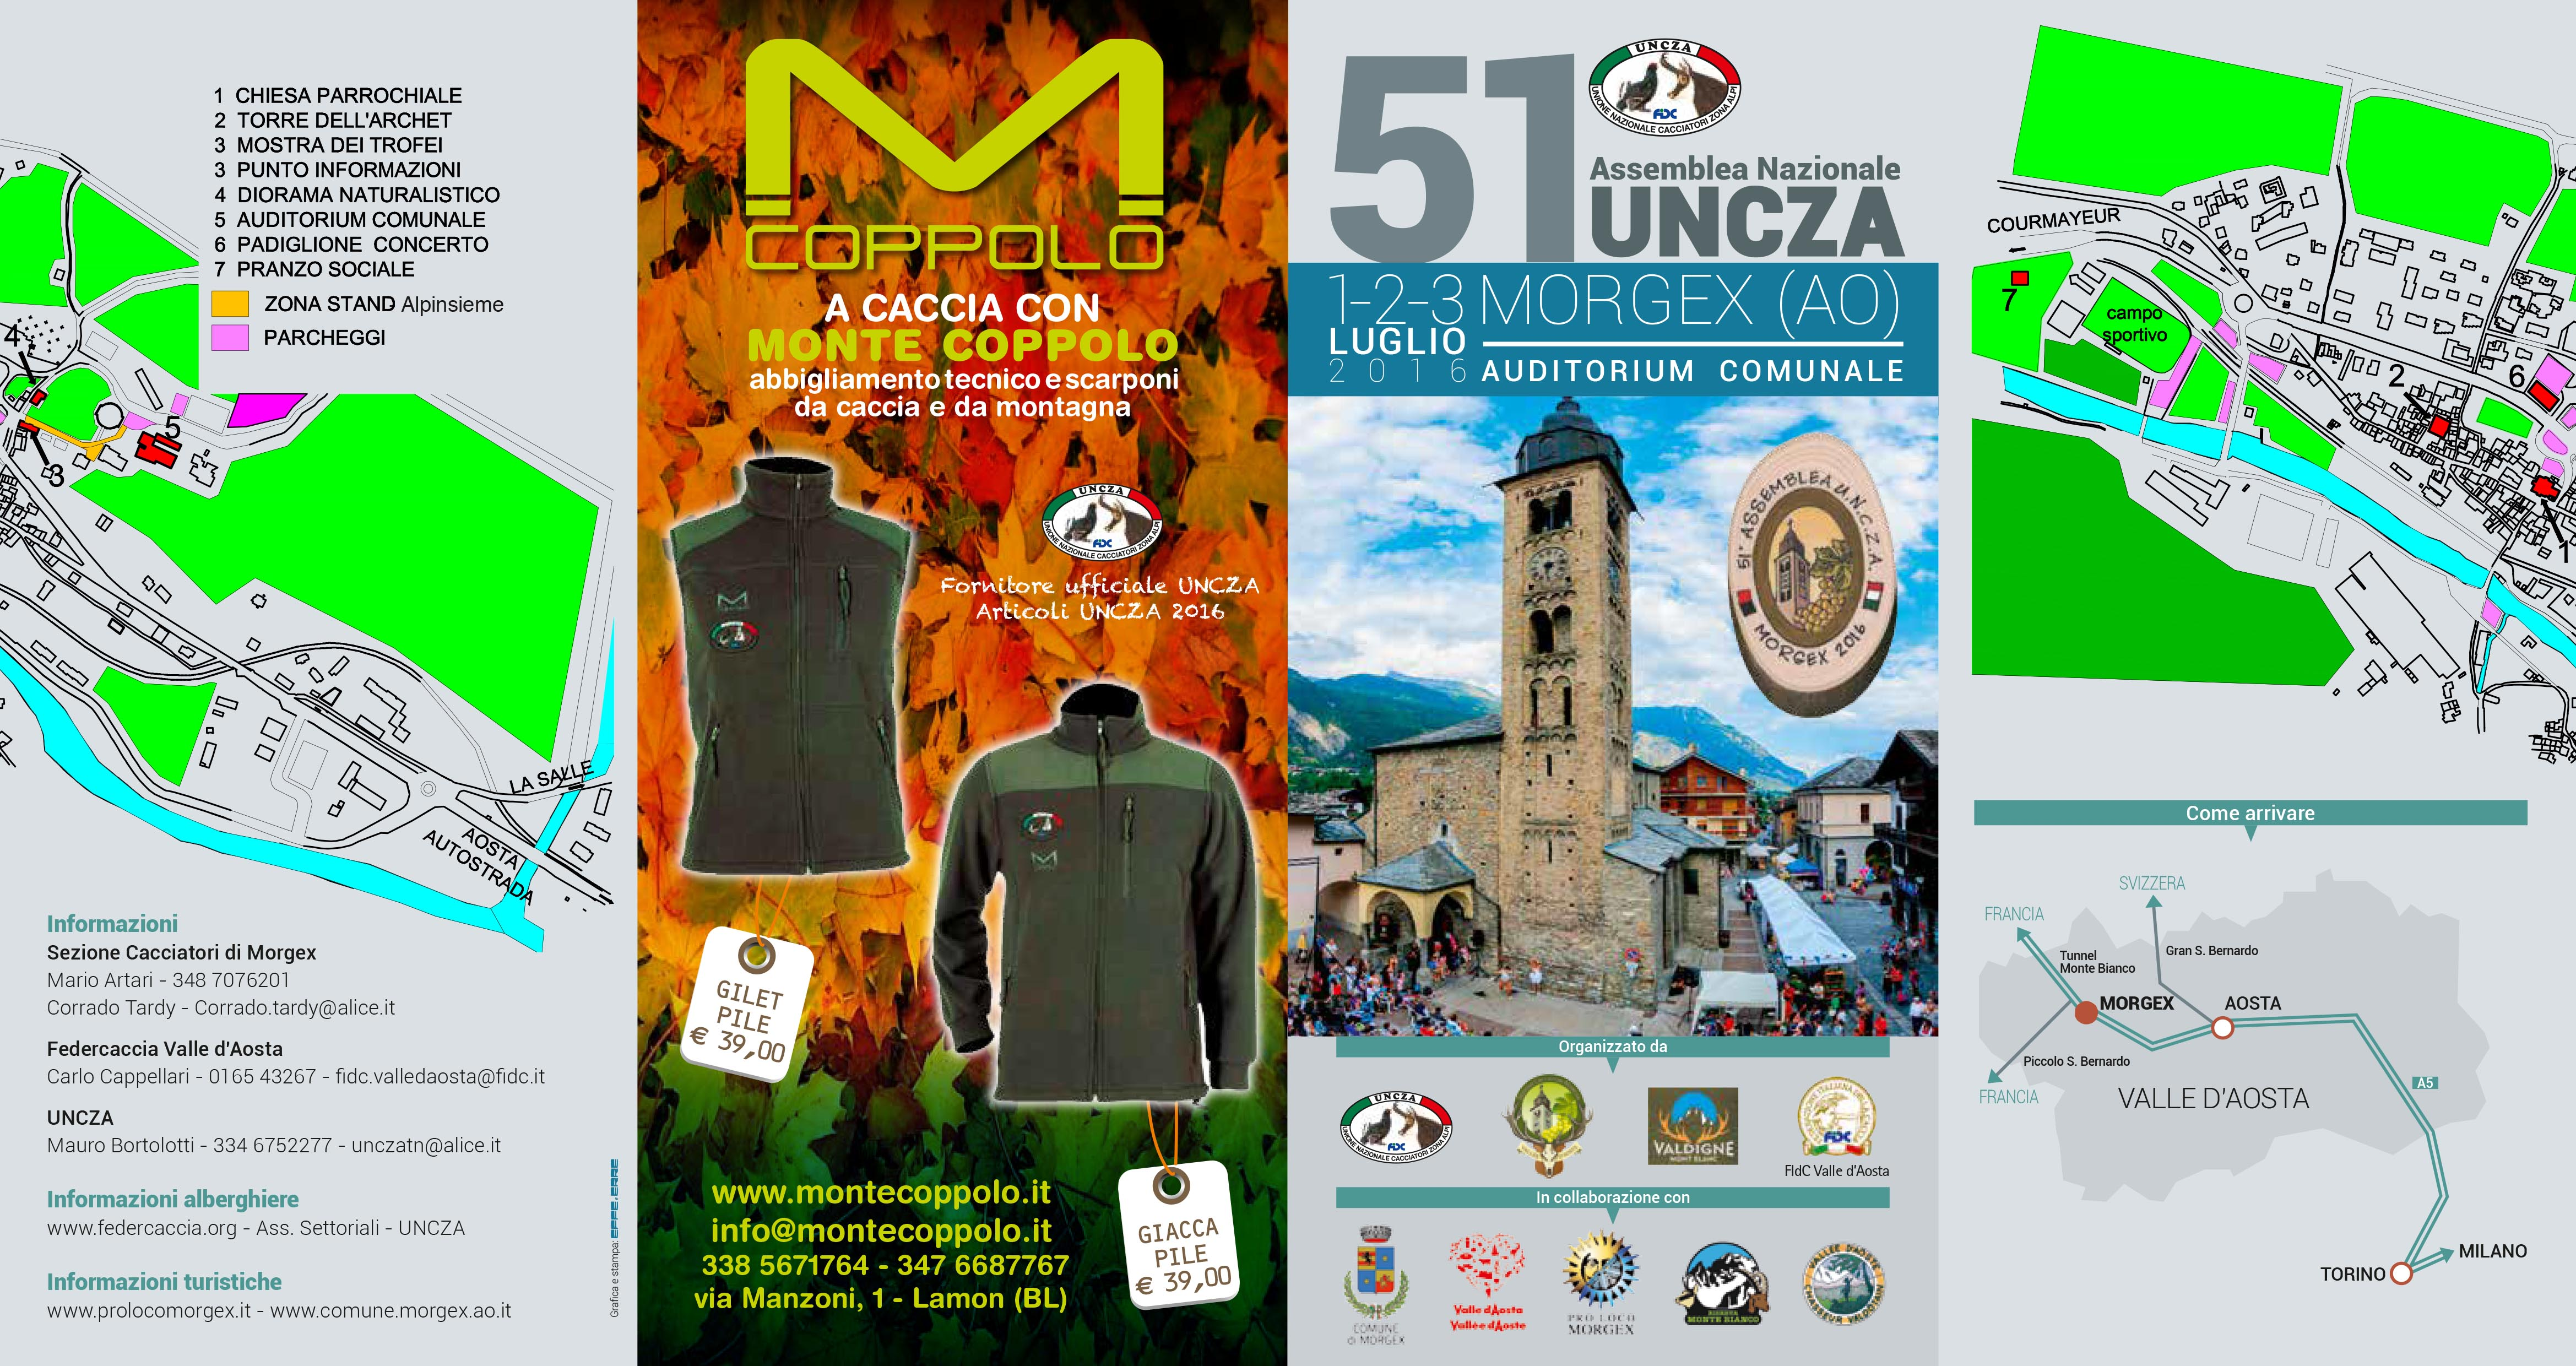 UNCZA2016a